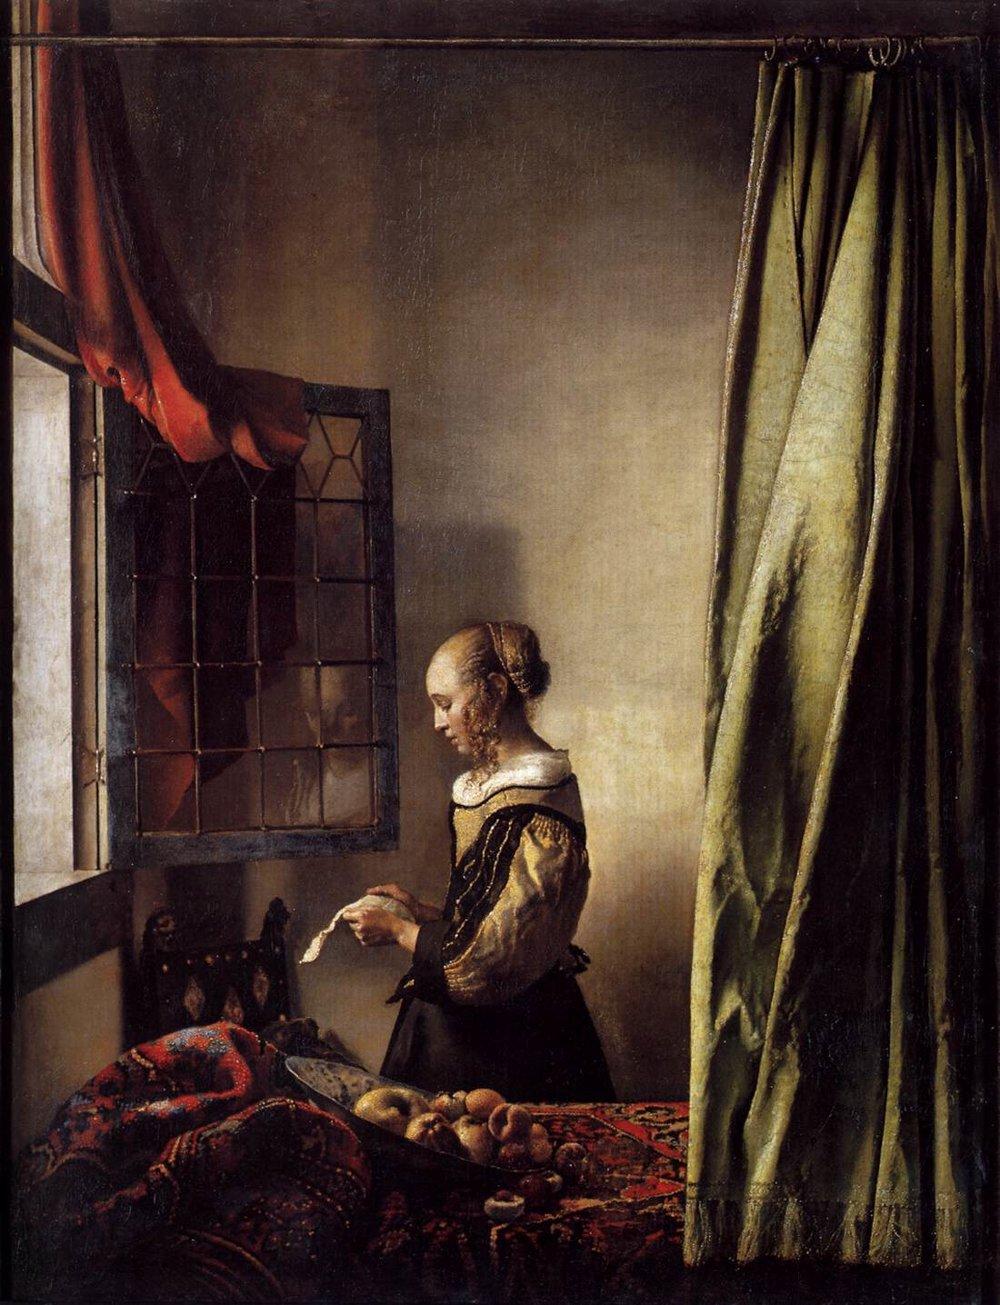 Dievča čítajúce list z roku 1657 nie je jediným obrazom Jana Vermeera s touto tematikou. Až na šiestich z celkovo tridsiatich siedmich dochovaných ktosi listy píše alebo číta.